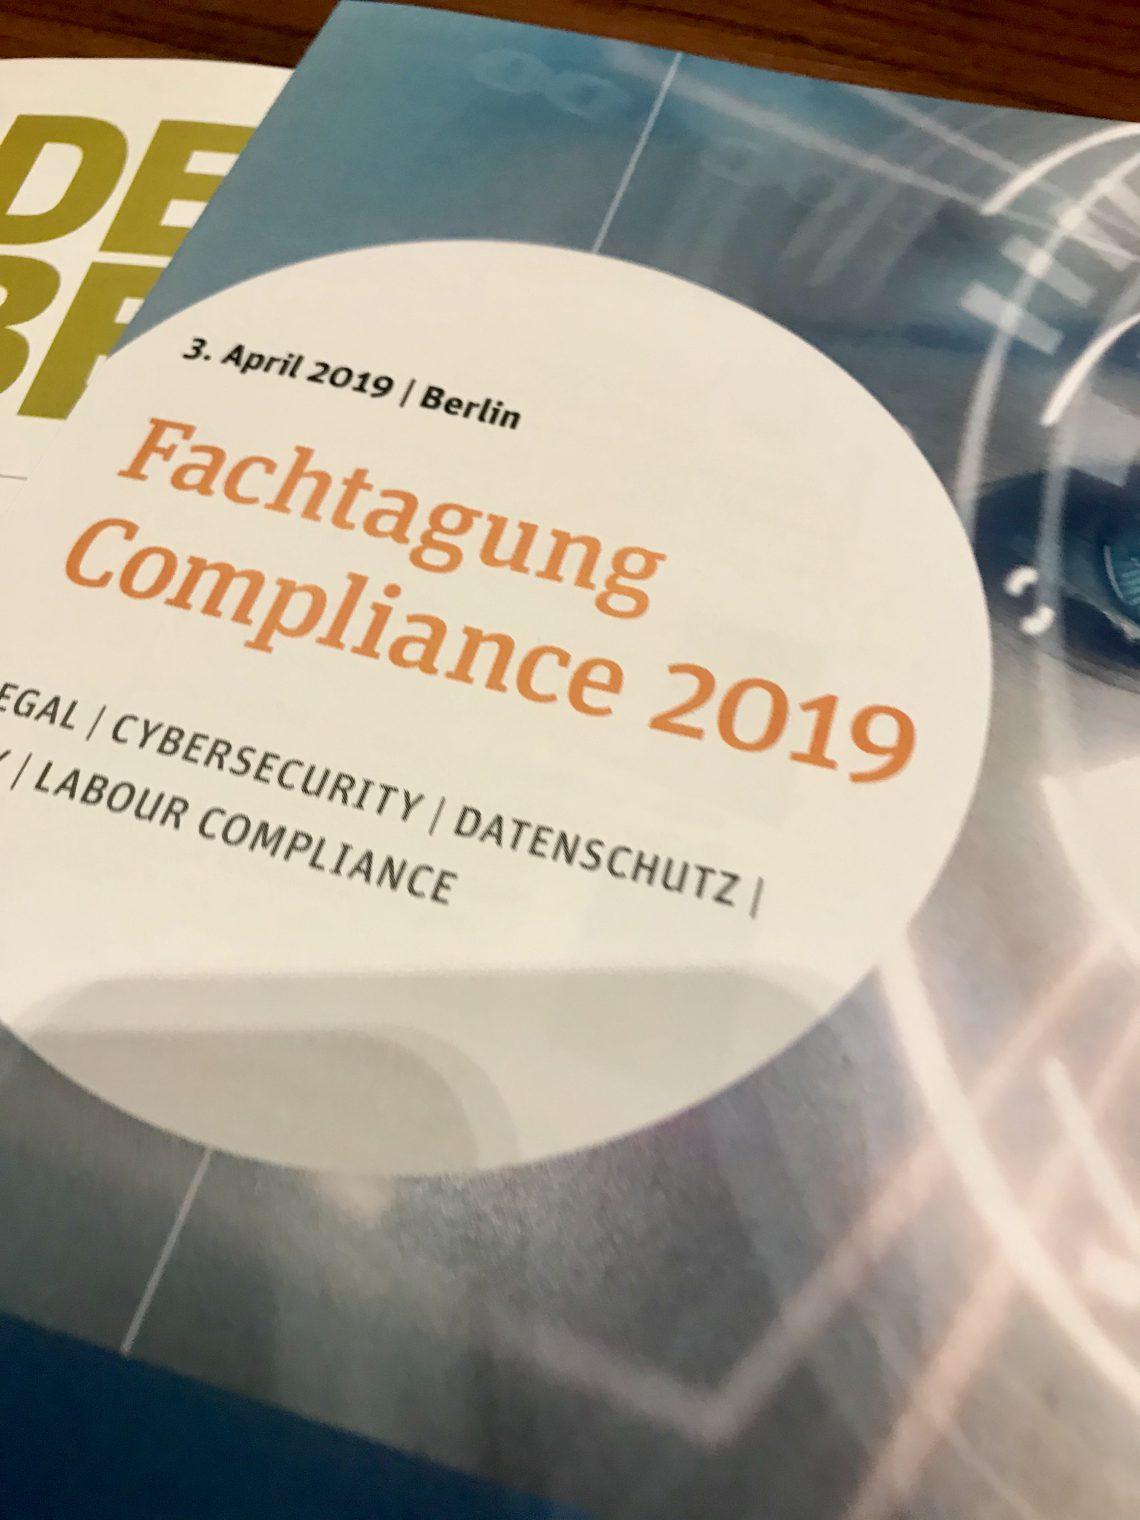 5. Fachtagung Compliance – von der Rucksackfunktion zu Compliance Tech 2030